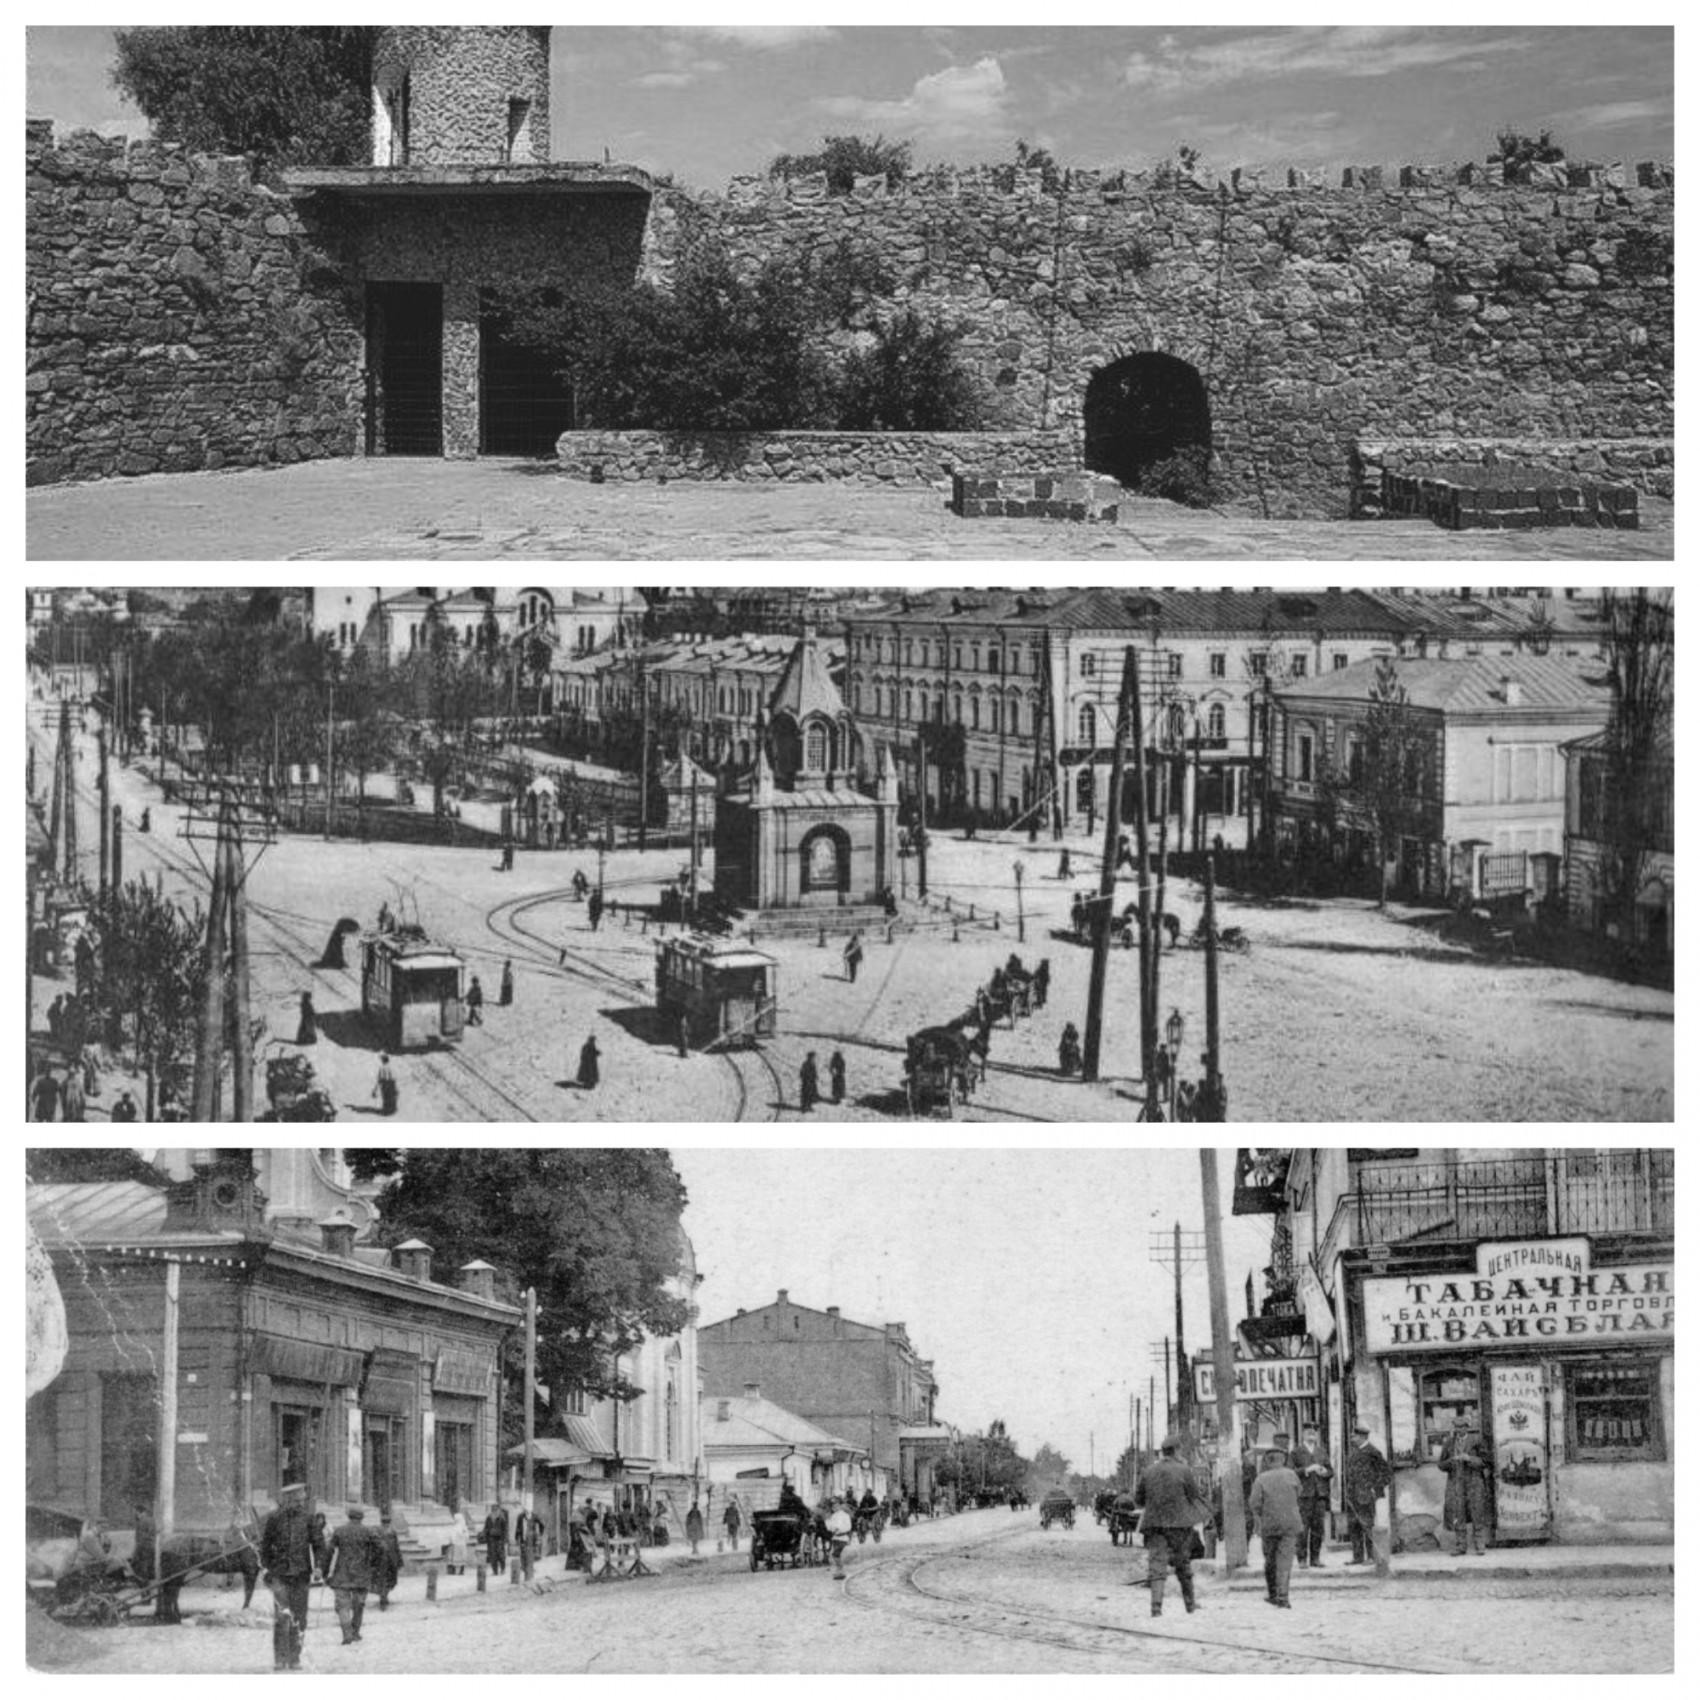 В якому місті УЦР ухвалила закони: про запровадження гривні (1 березня 1918), про громадянство УНР (2 березня), реєстрацію громадянства (4 березня)?